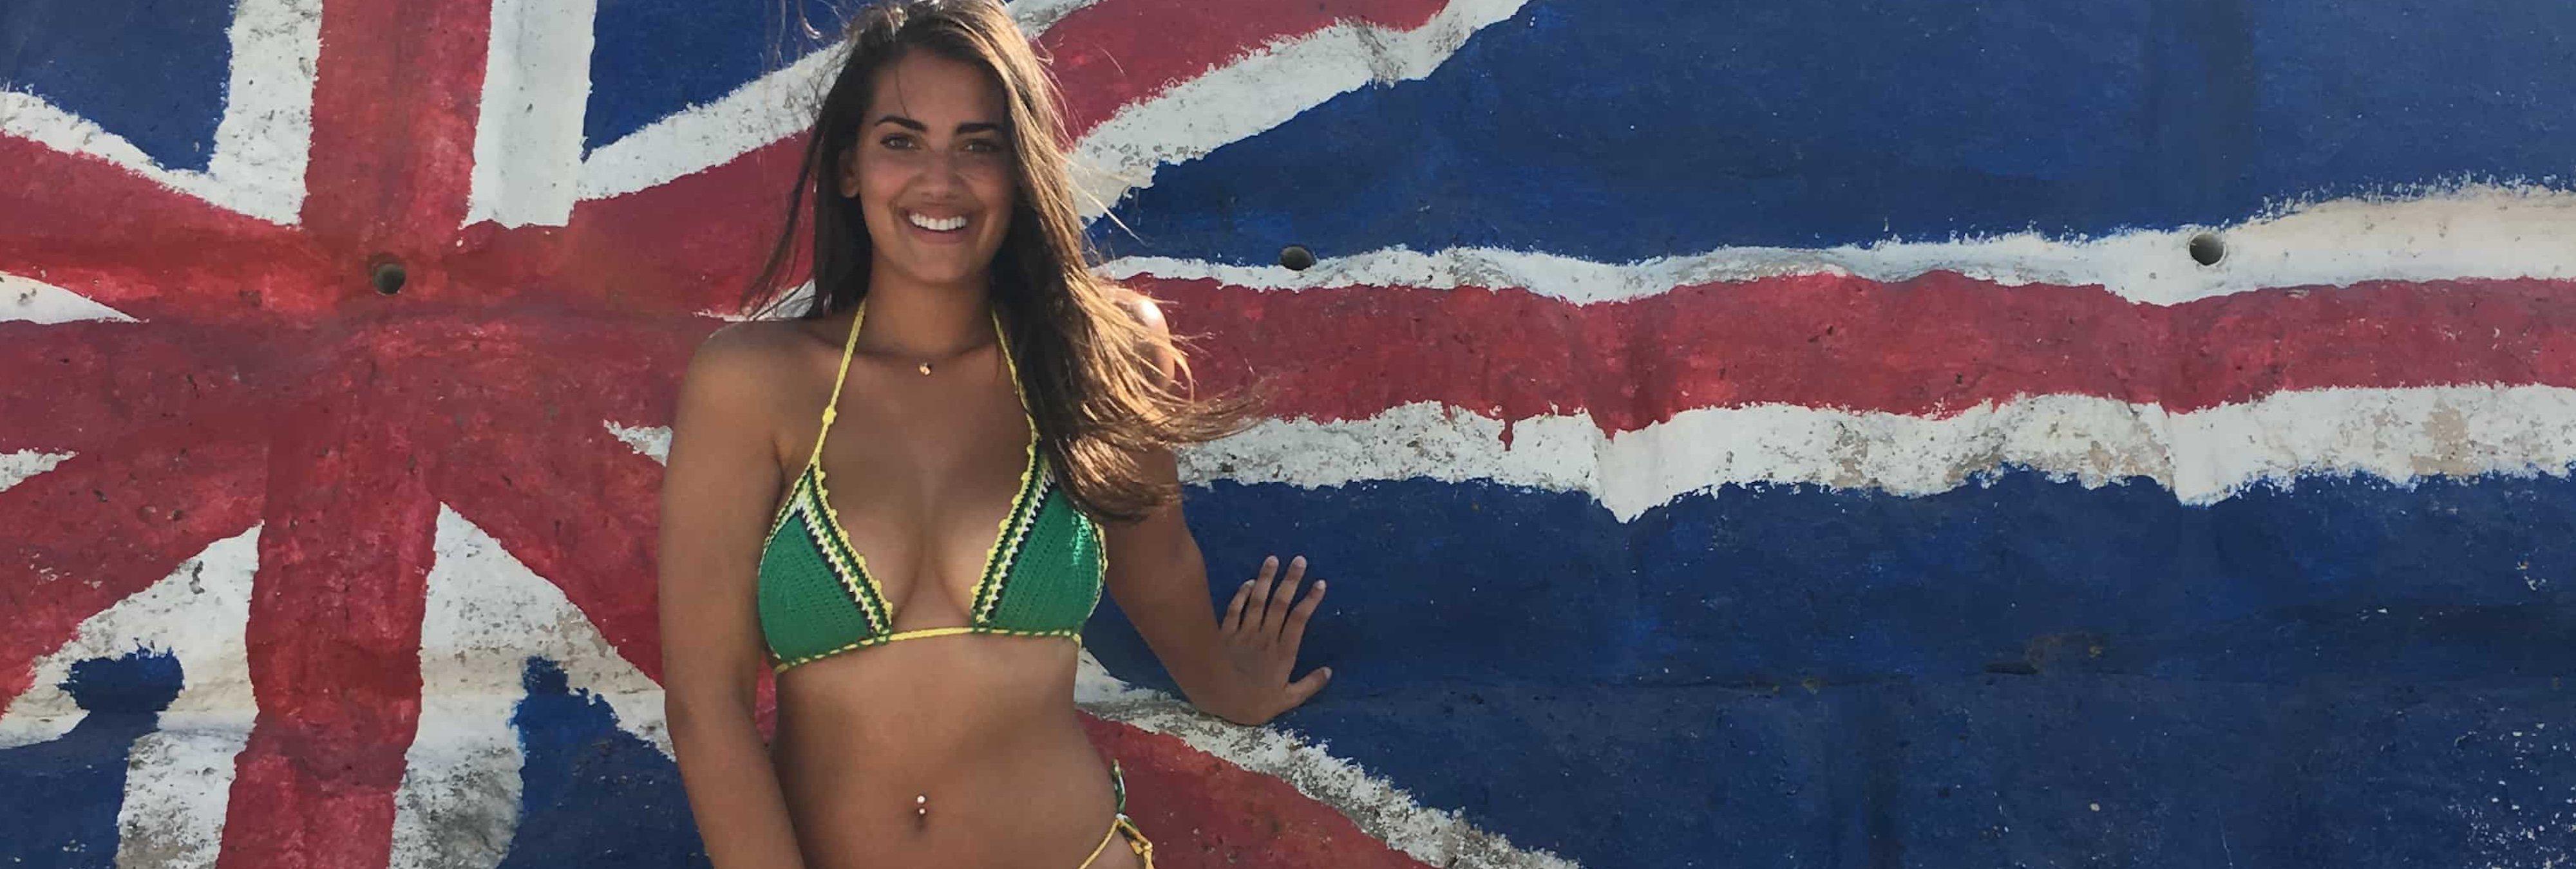 Victoria's Secret ficha a una española como modelo 'curvy' tras la polémica de Barbara Palvin